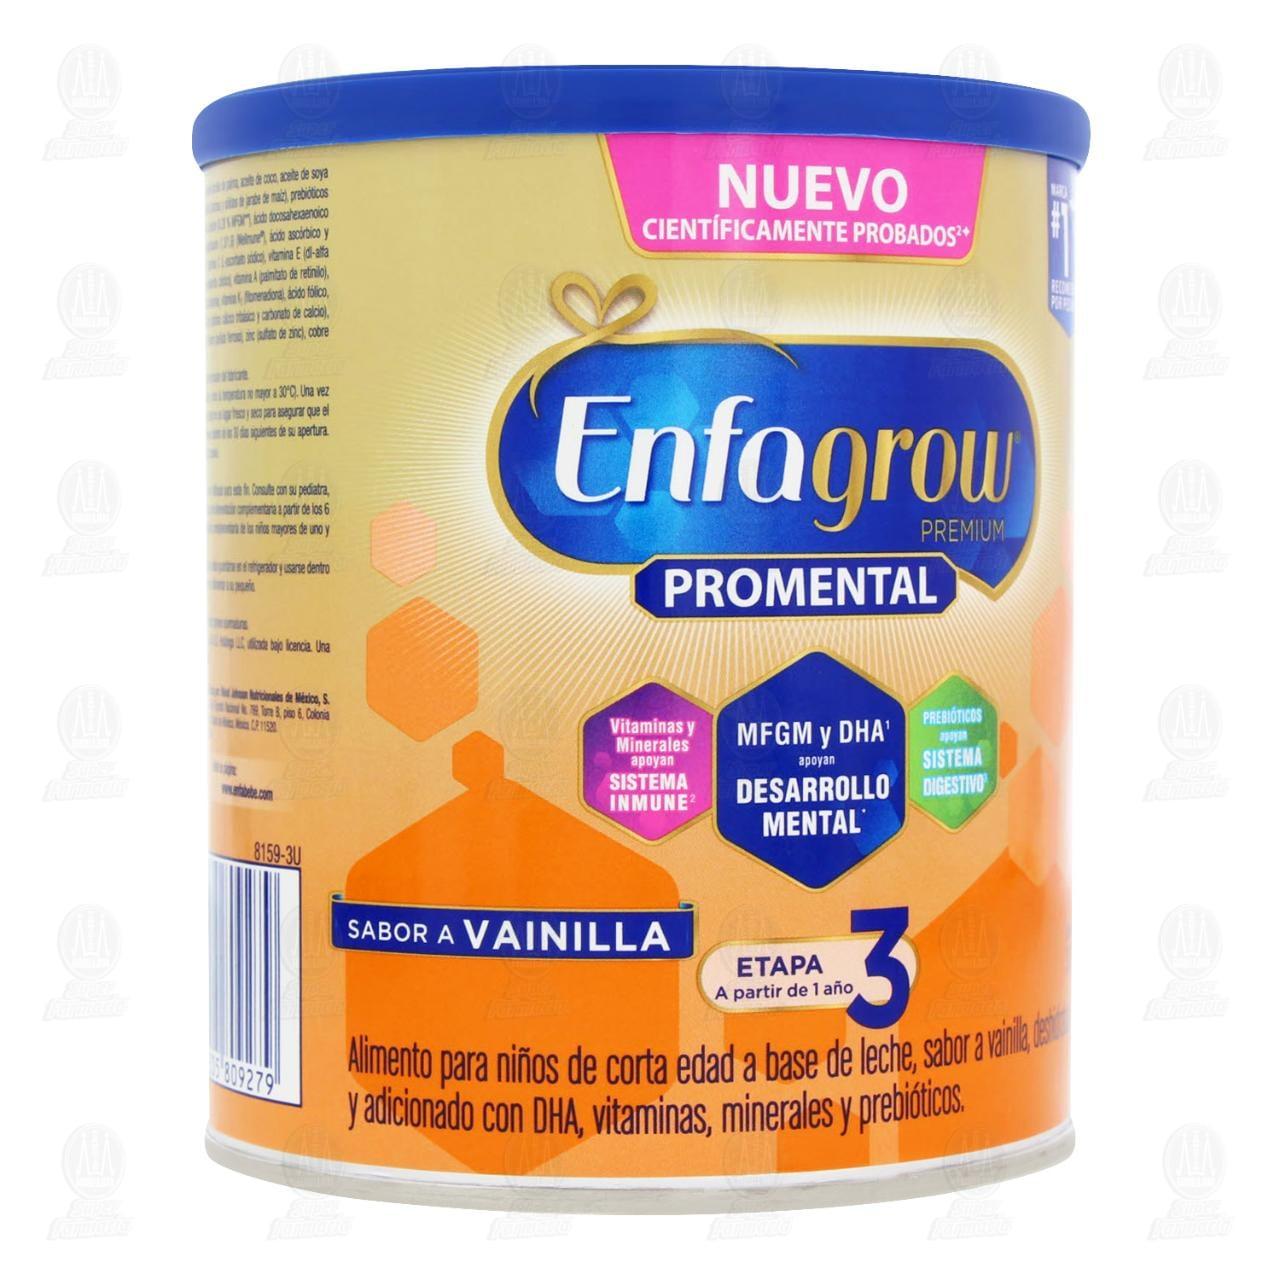 comprar https://www.movil.farmaciasguadalajara.com/wcsstore/FGCAS/wcs/products/1243268_A_1280_AL.jpg en farmacias guadalajara